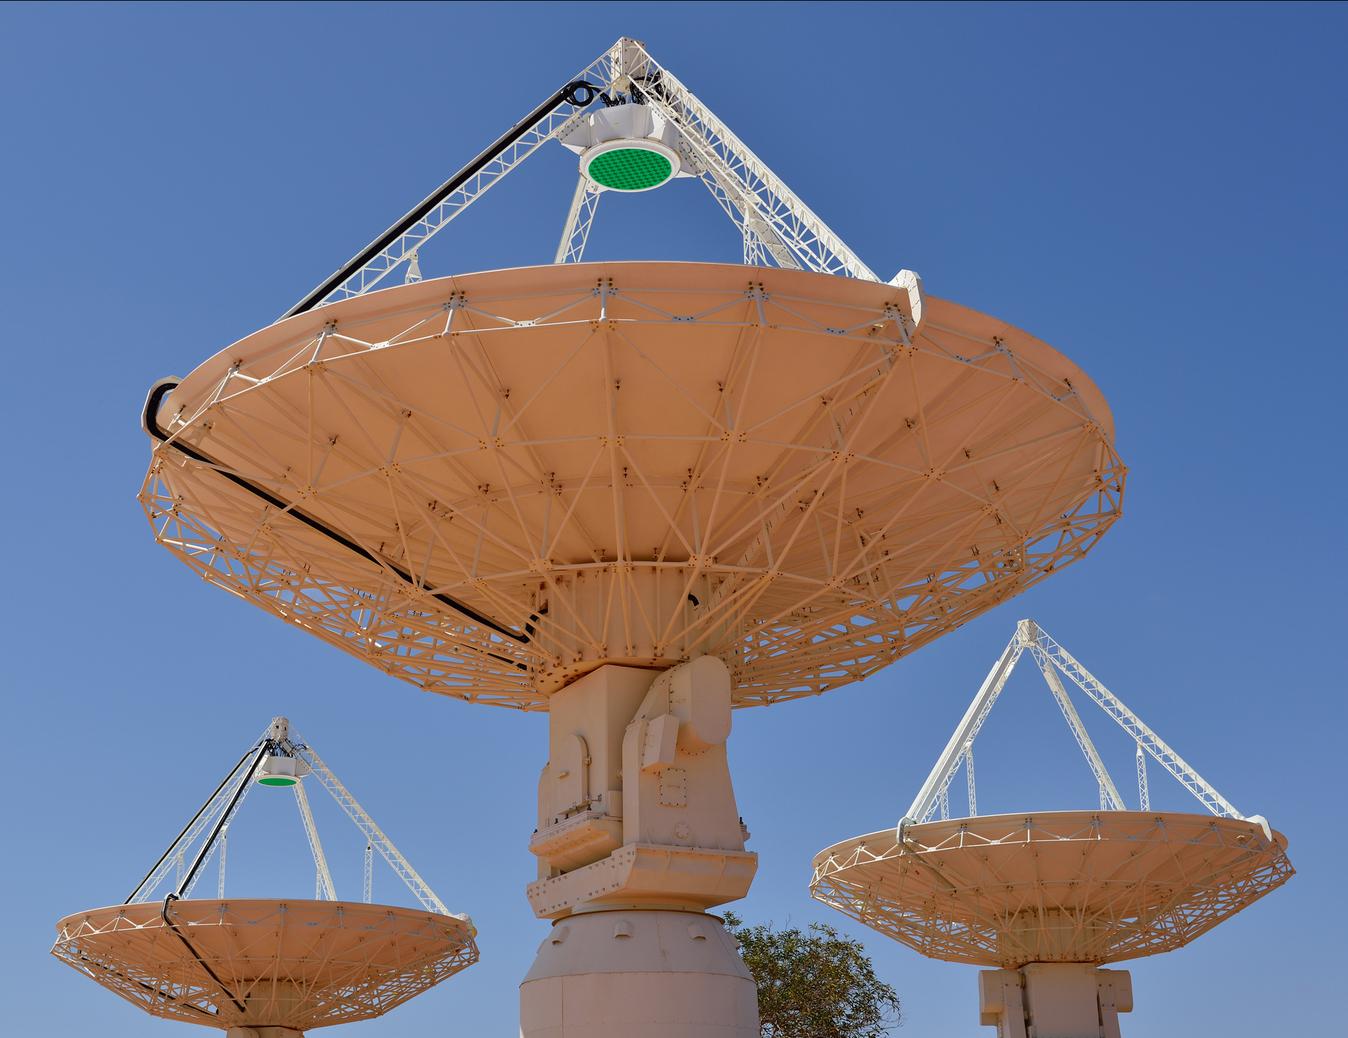 ASKAP telescopes in WA